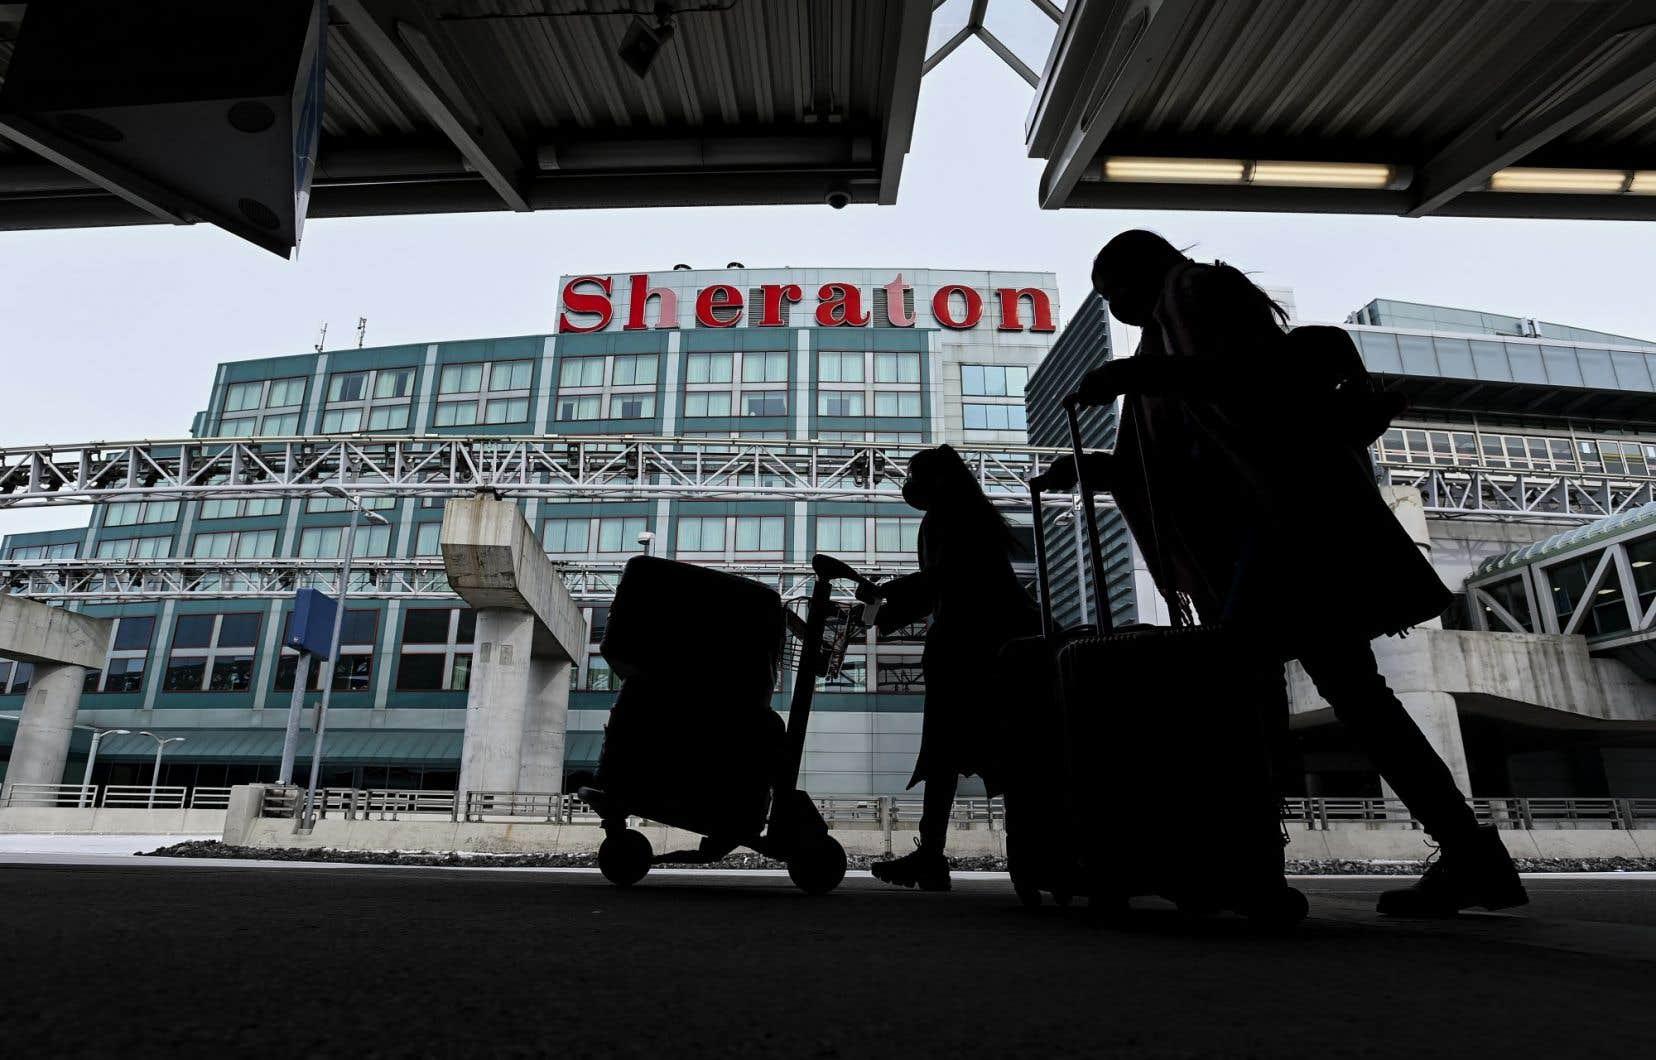 La quarantaine obligatoire à l'hôtel qu'Ottawa imposera aux voyageurs de retour au pays à compter de lundi fait déjà l'objet d'une contestation judiciaire.